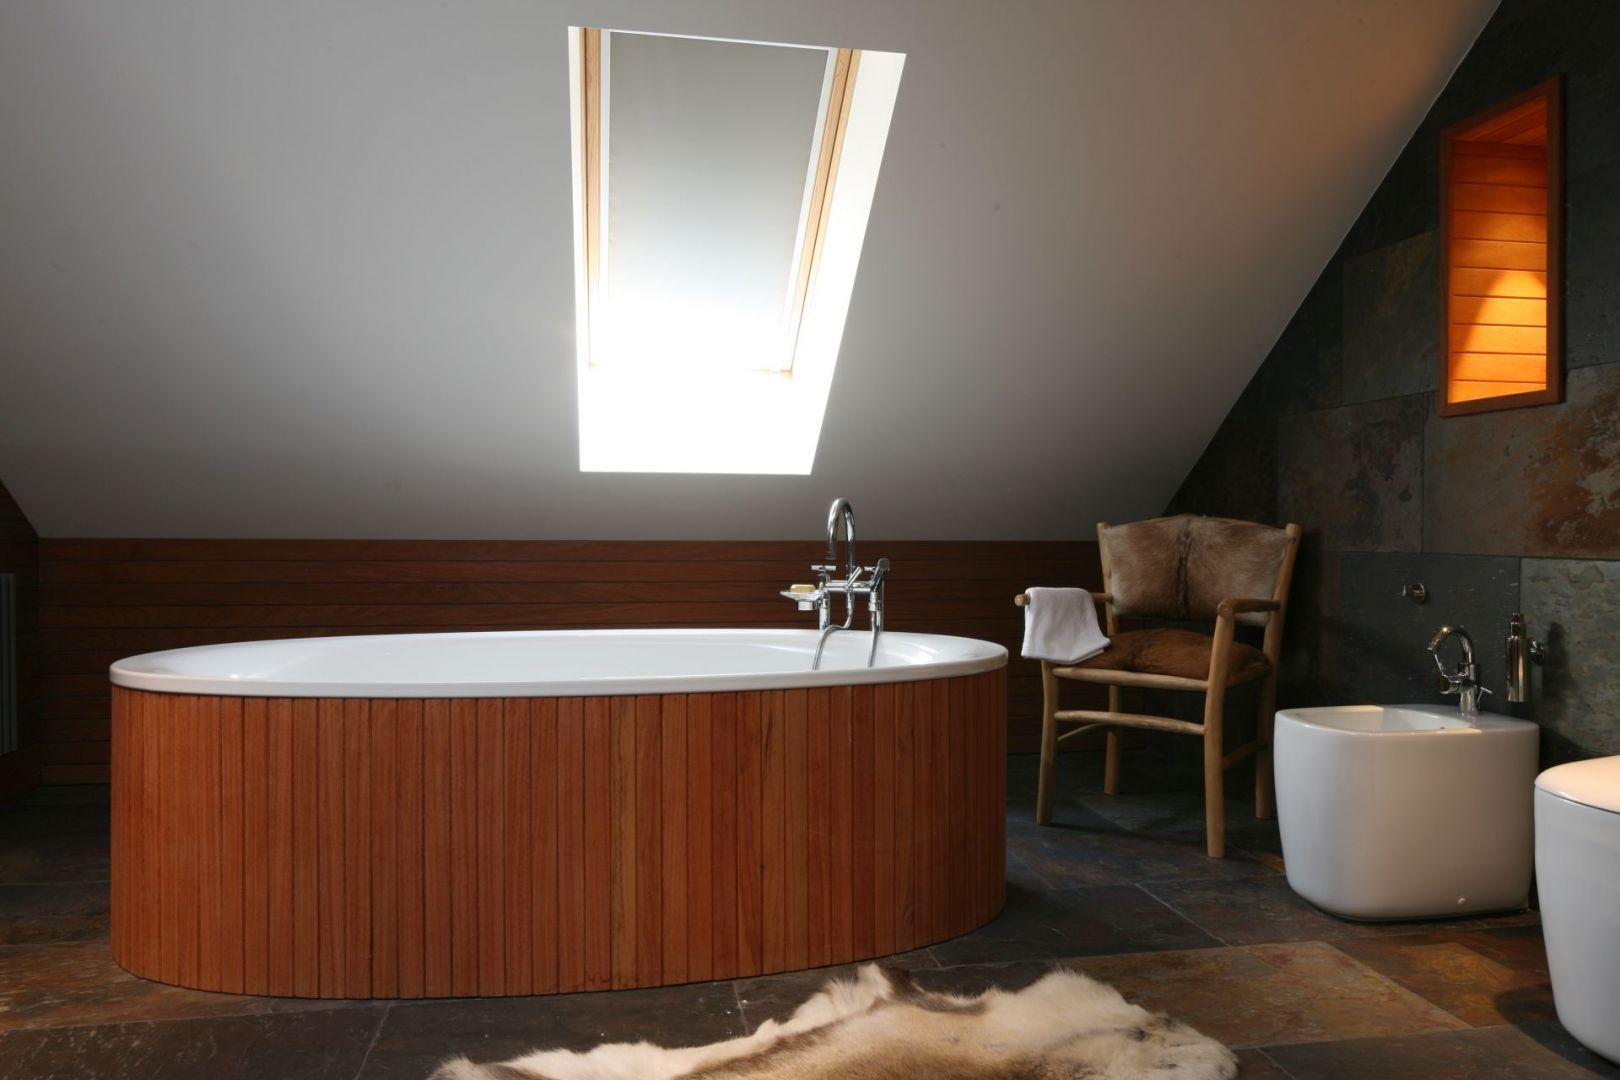 Drewno w łazience - warto wziąć pod uwagę gatunki egzotyczne, np. merbau lub teak. Projekt: Katarzyna Koszałka. Fot. Bartosz Jarosz